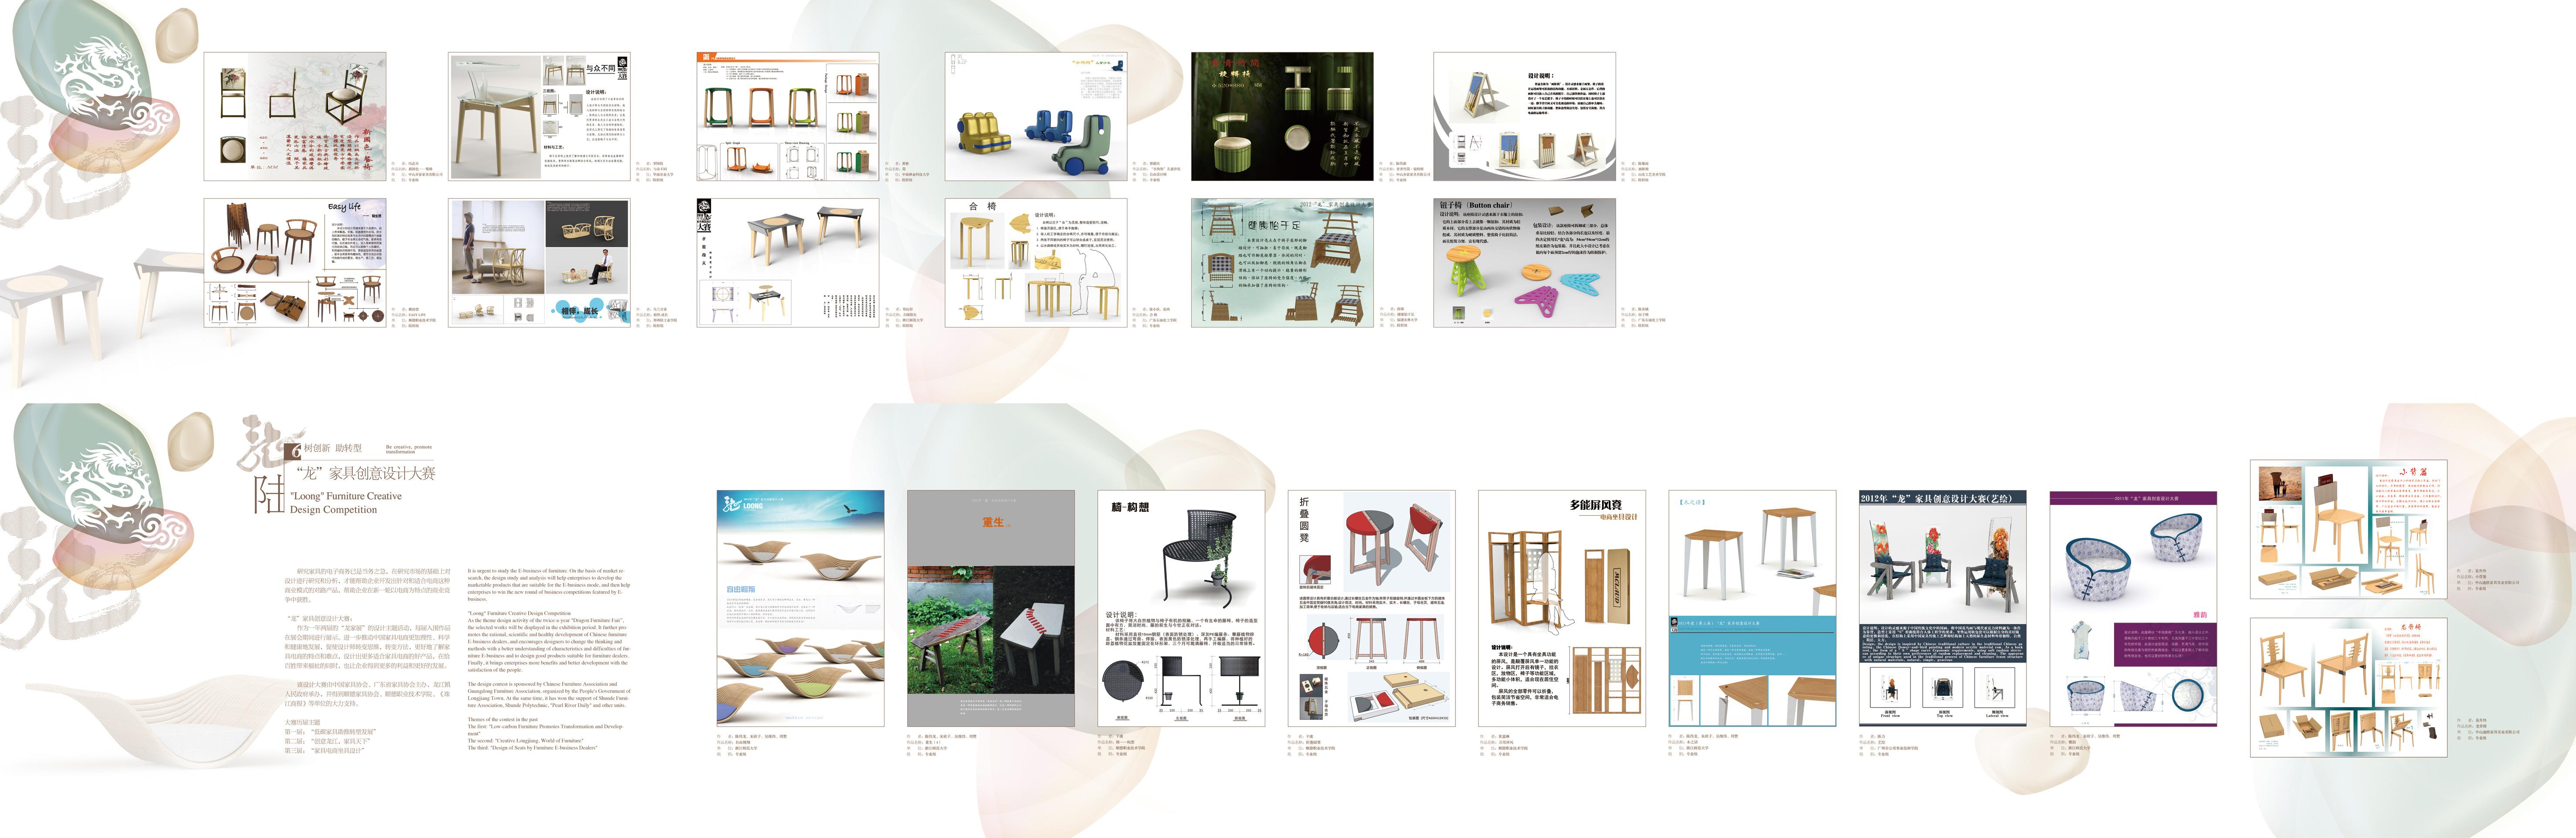 """为了更好地宣传这个大赛,宣传""""龙江""""这块中国家具制造的热土,宣传大赛中涌现出的优秀设计师和他们的作品,更多地推动设计事业,宣传设计的价值,在中国家具协会和上海博华展览公司领导的大力支持下,终于使本次展览得以成行,也终于使这个大赛的展览从""""顺德""""走向了世界家具的国际舞台——上海家具展,也意味着""""龙""""家具设计大赛的升级和顺德家具品牌的升级。   三届大赛都是以人类使用数量最大、种类最多、频率最高以及设计难度最大"""